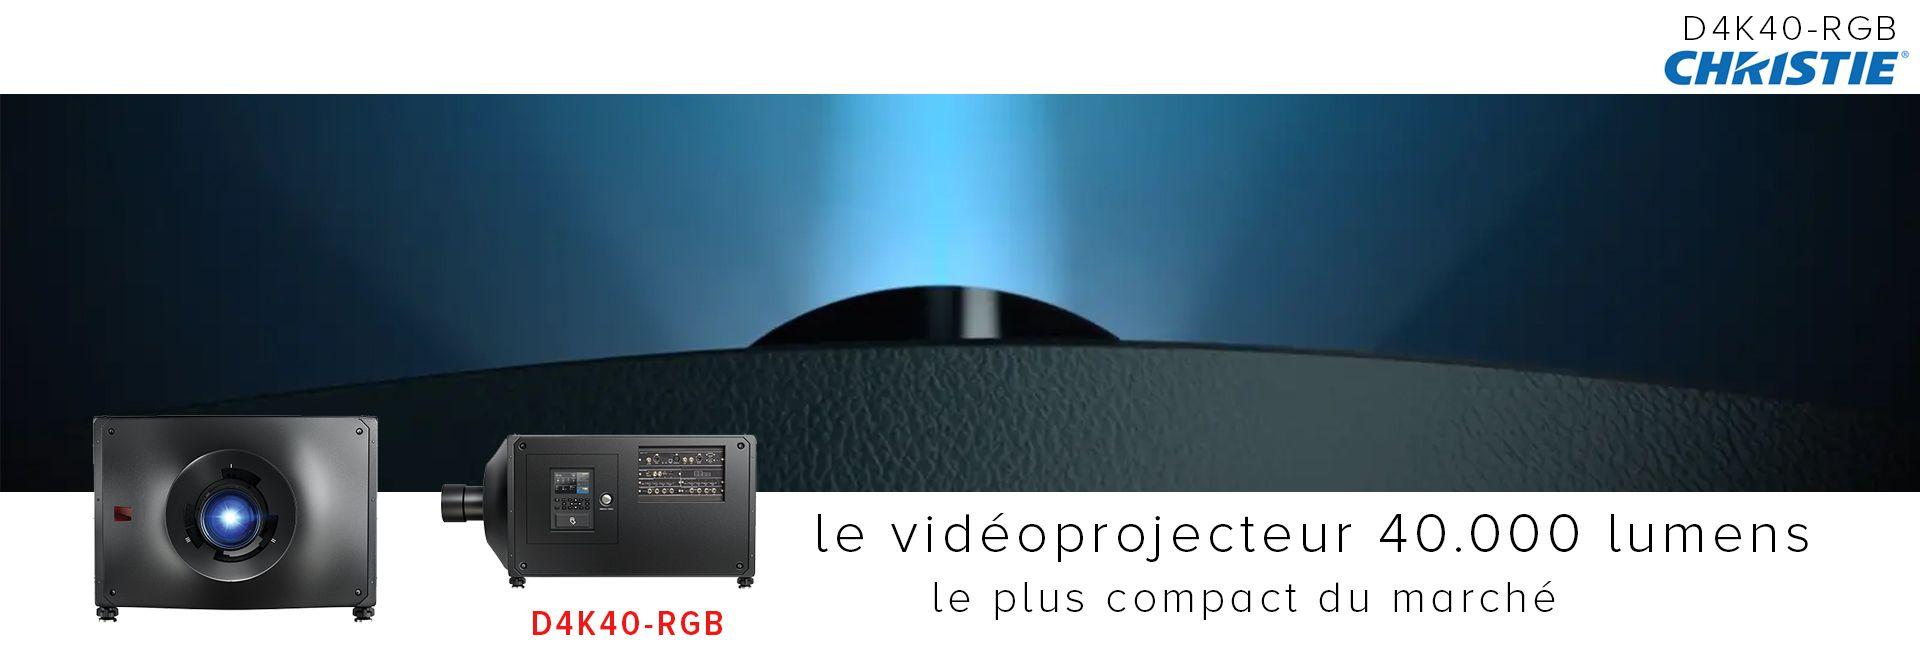 Christie D4K40-RGB, le vidéoprojecteur 40.000 lumens le plus compact du marché